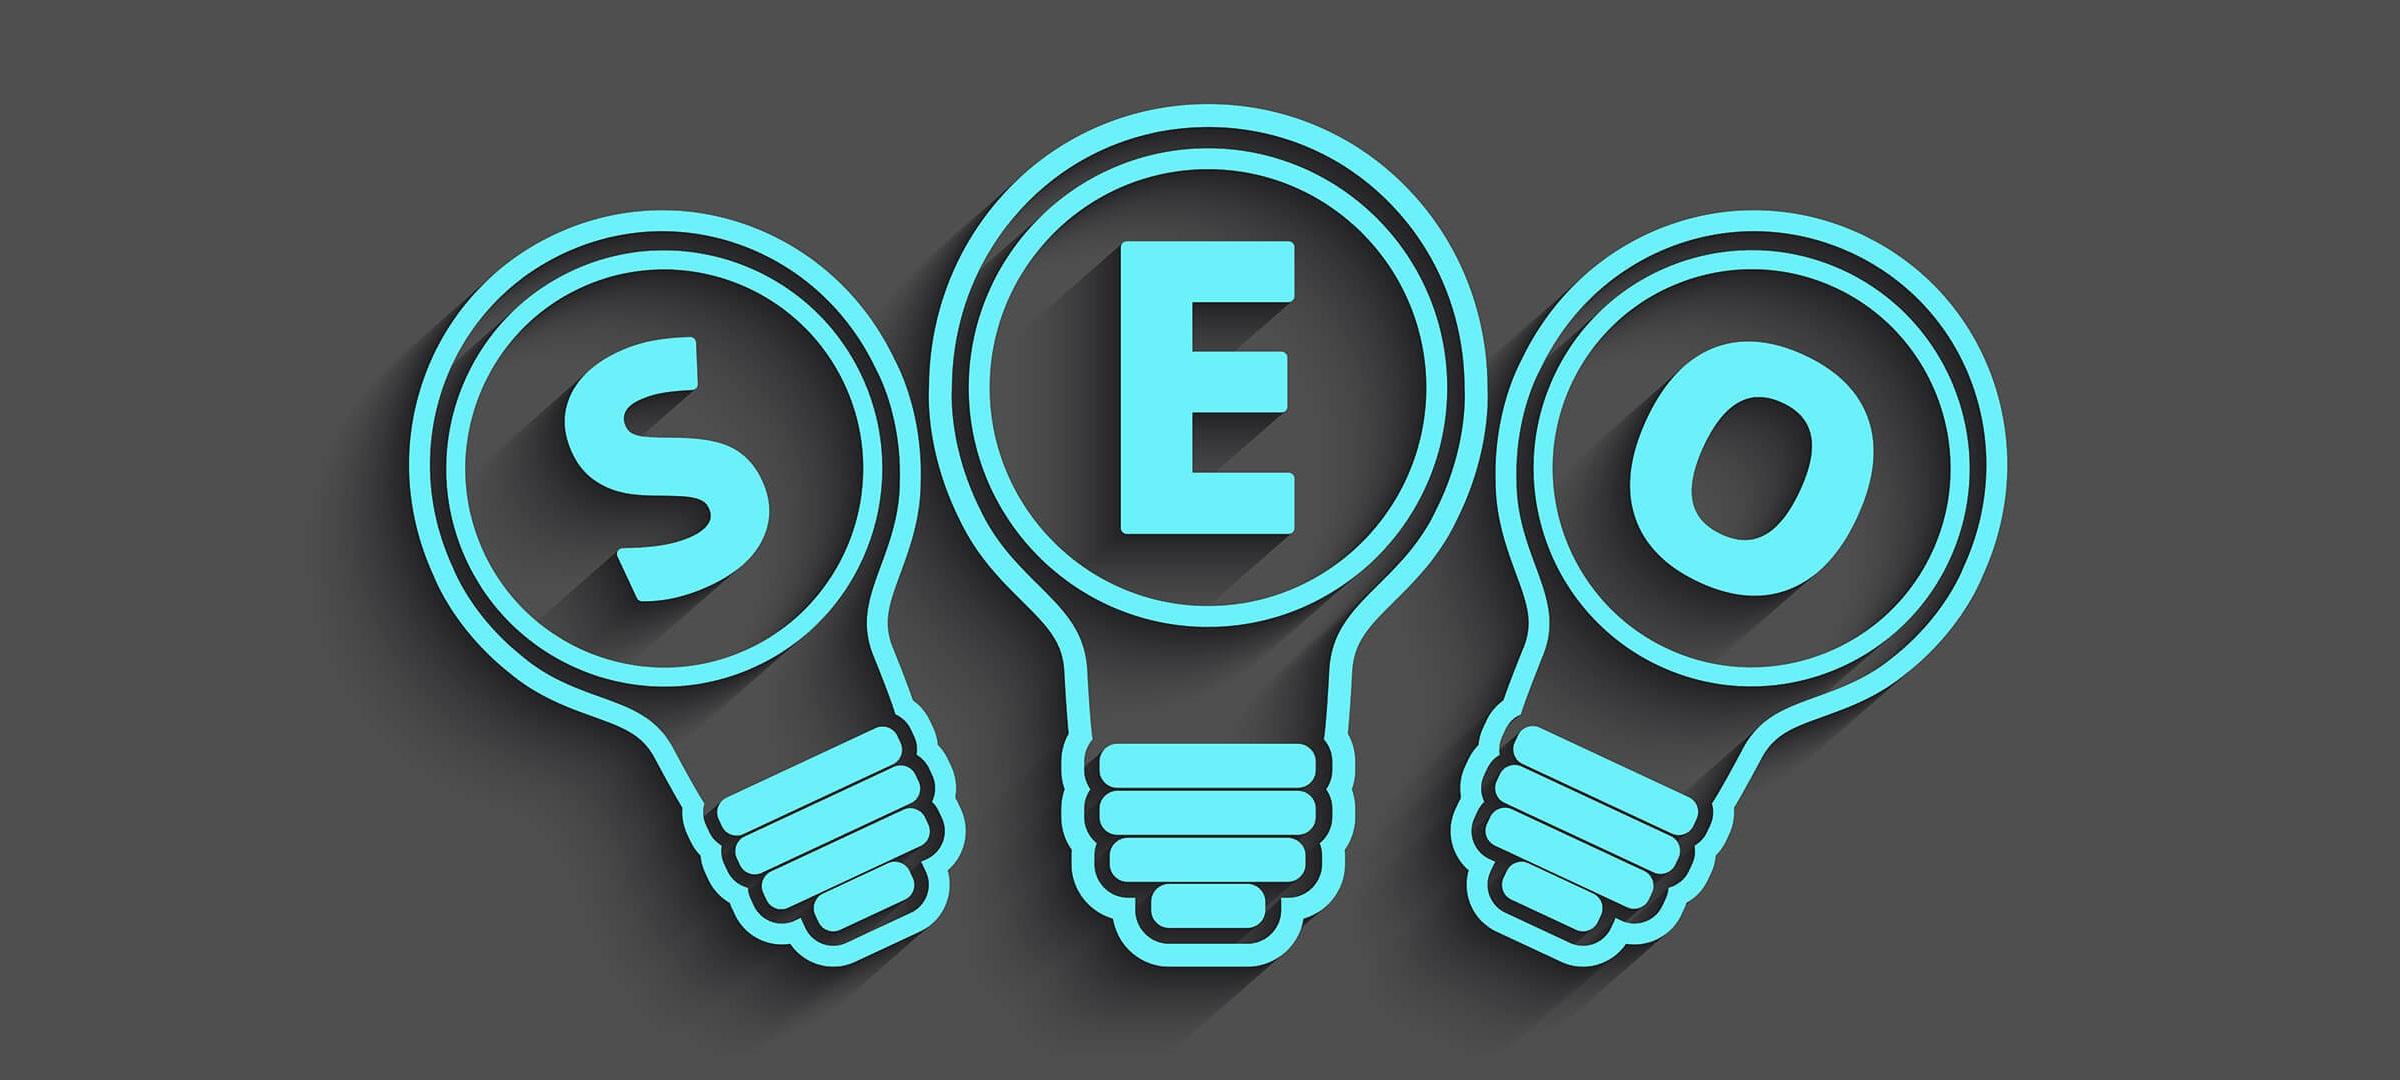 5 راهکار مهم برای بهبود سئوی سایت شما